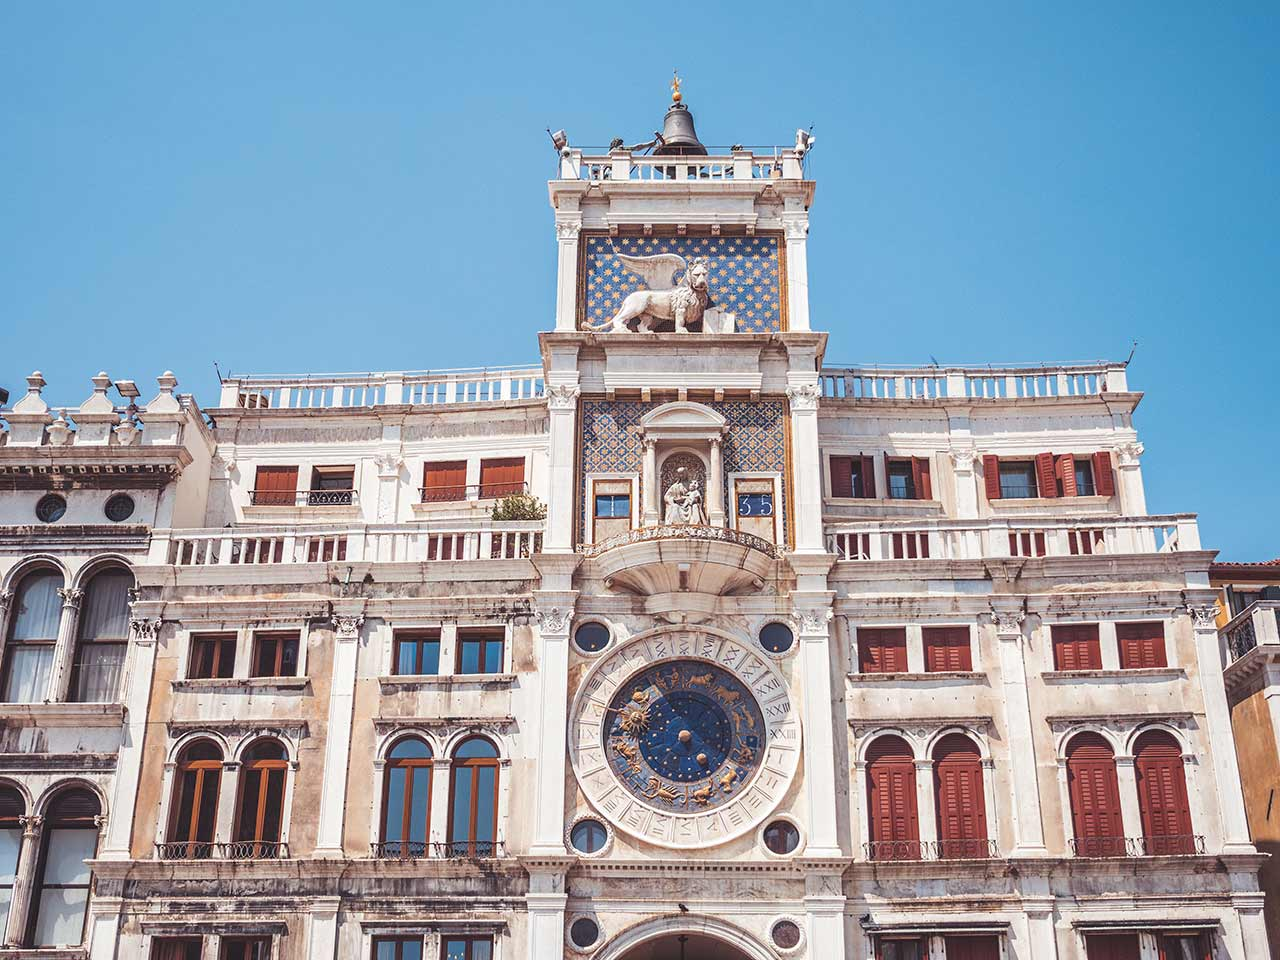 Uhrenturm in Venedig